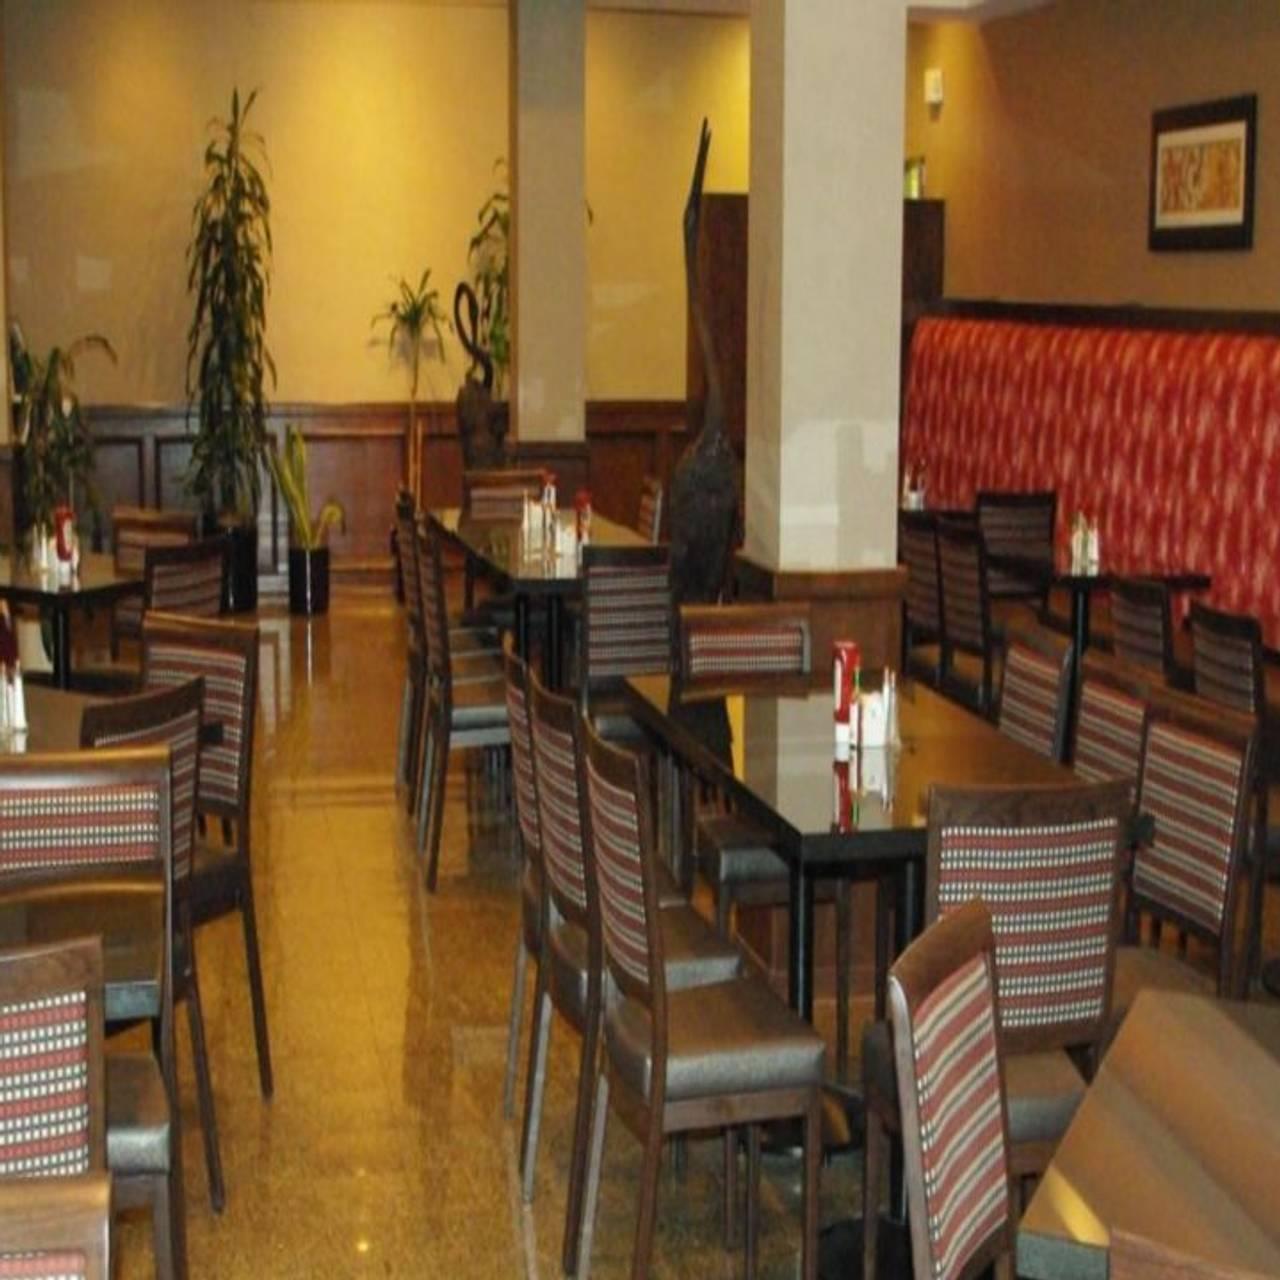 Ventanas Restaurant - Buena Park, CA | OpenTable